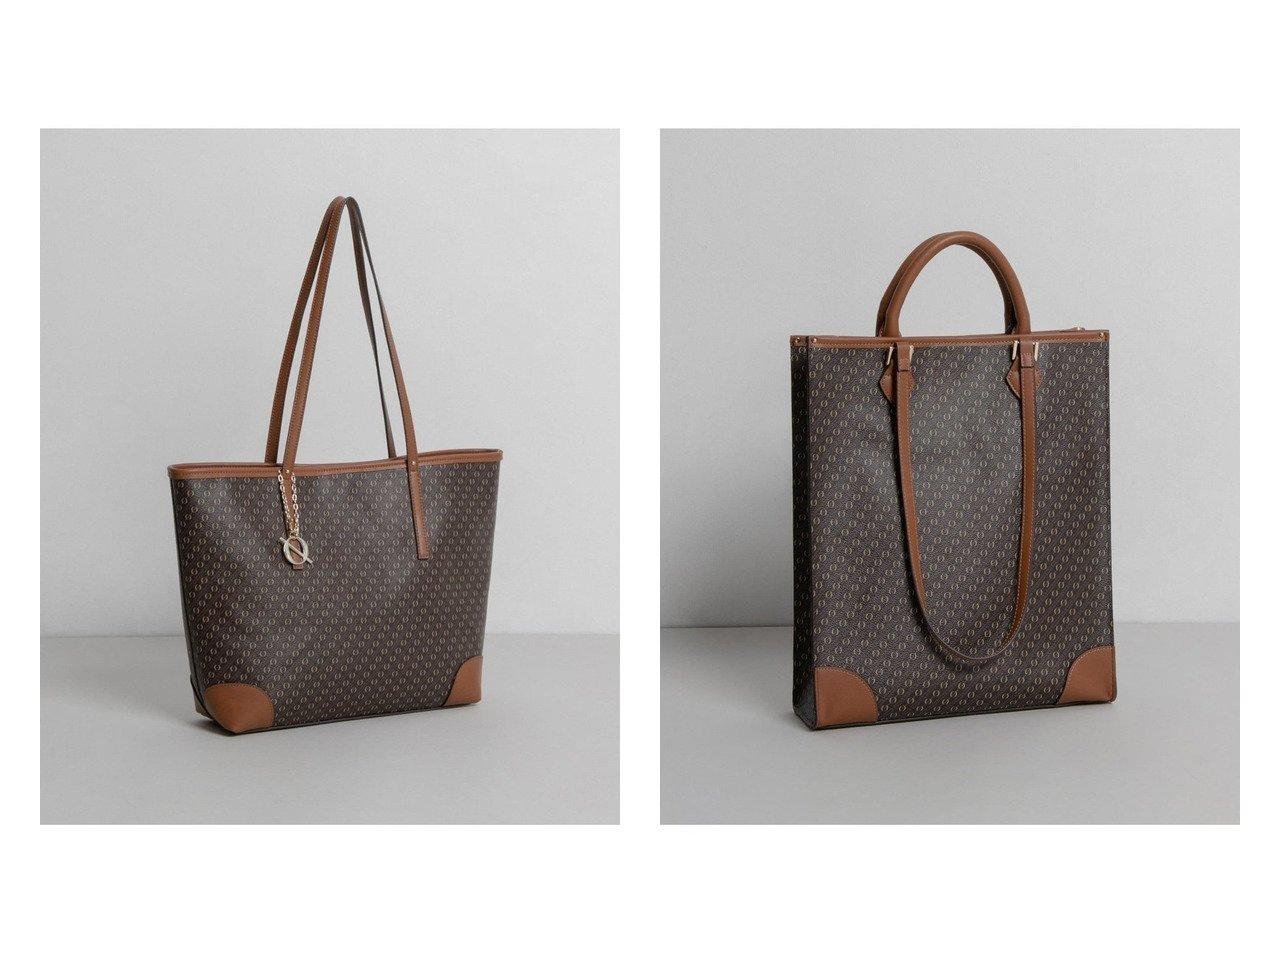 【RODE SKO/ロデスコ】のSUELO モノグラムビッグトートバッグ&SUOMA モノグラムスクエアトートバッグ バッグ・鞄のおすすめ!人気、トレンド・レディースファッションの通販  おすすめで人気の流行・トレンド、ファッションの通販商品 メンズファッション・キッズファッション・インテリア・家具・レディースファッション・服の通販 founy(ファニー) https://founy.com/ ファッション Fashion レディースファッション WOMEN バッグ Bag ショルダー チャーム ポケット |ID:crp329100000009908